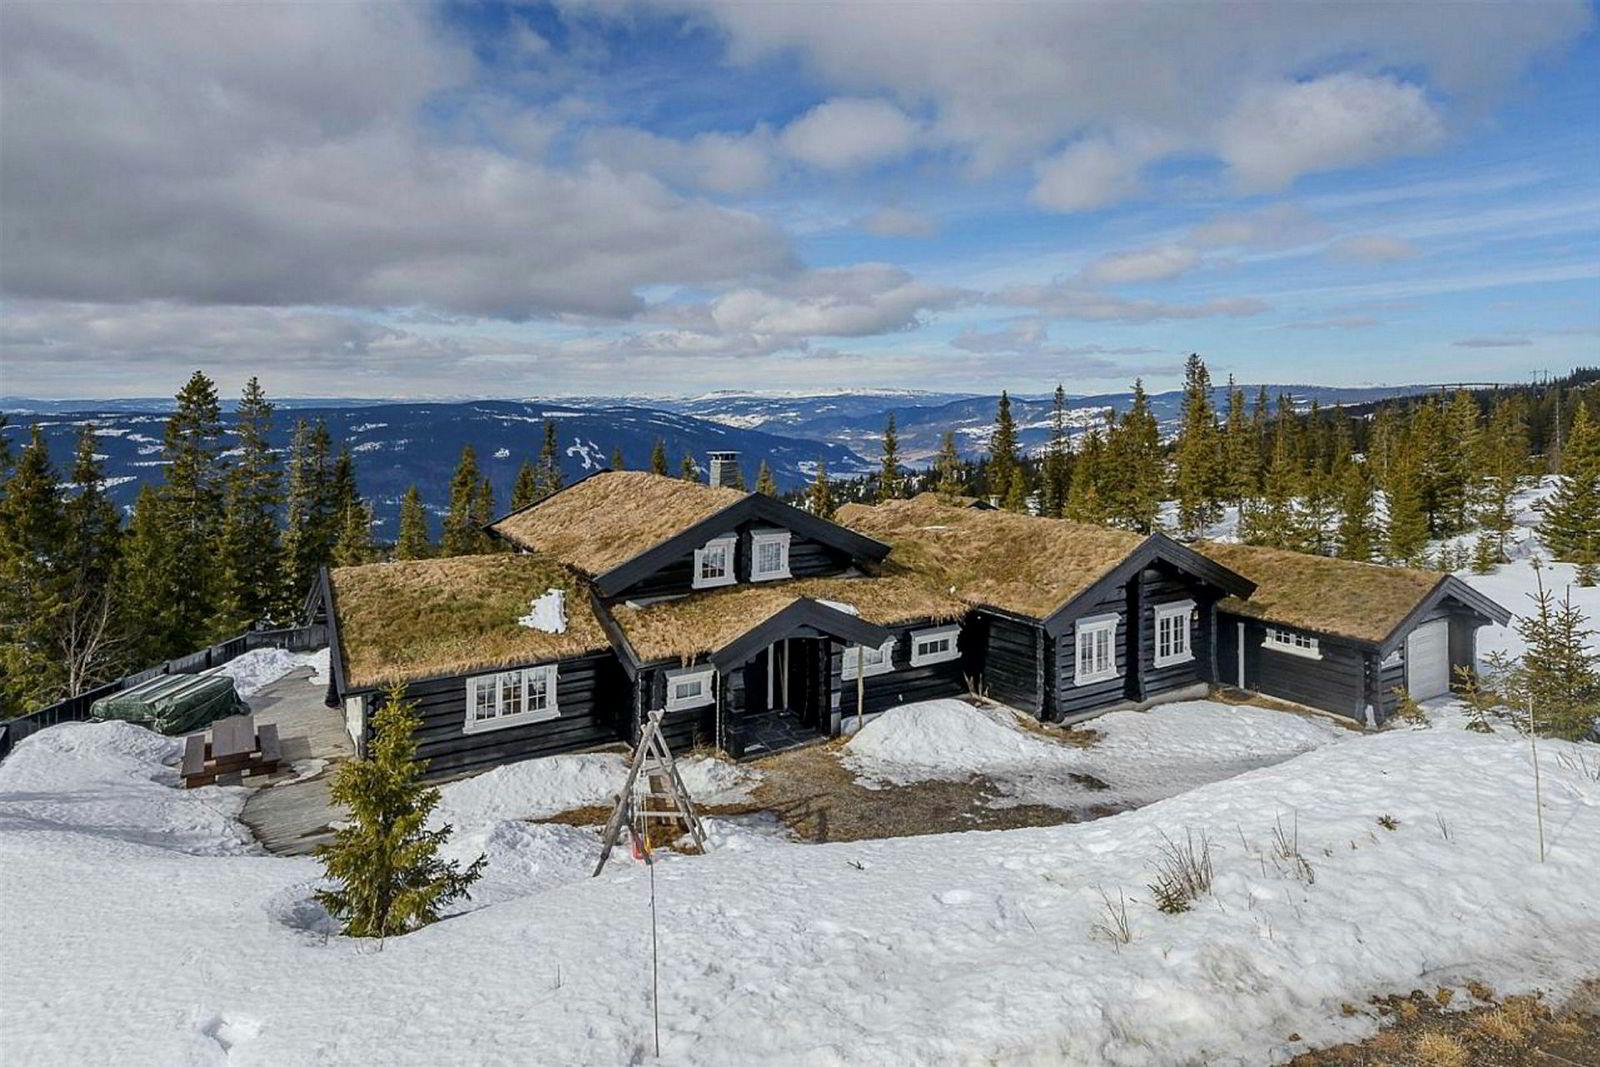 Hytte på 168 kvadratmeter i Nedre Vesleslåa 22 på Hafjell. Prisantydning 7,5 millioner kroner.